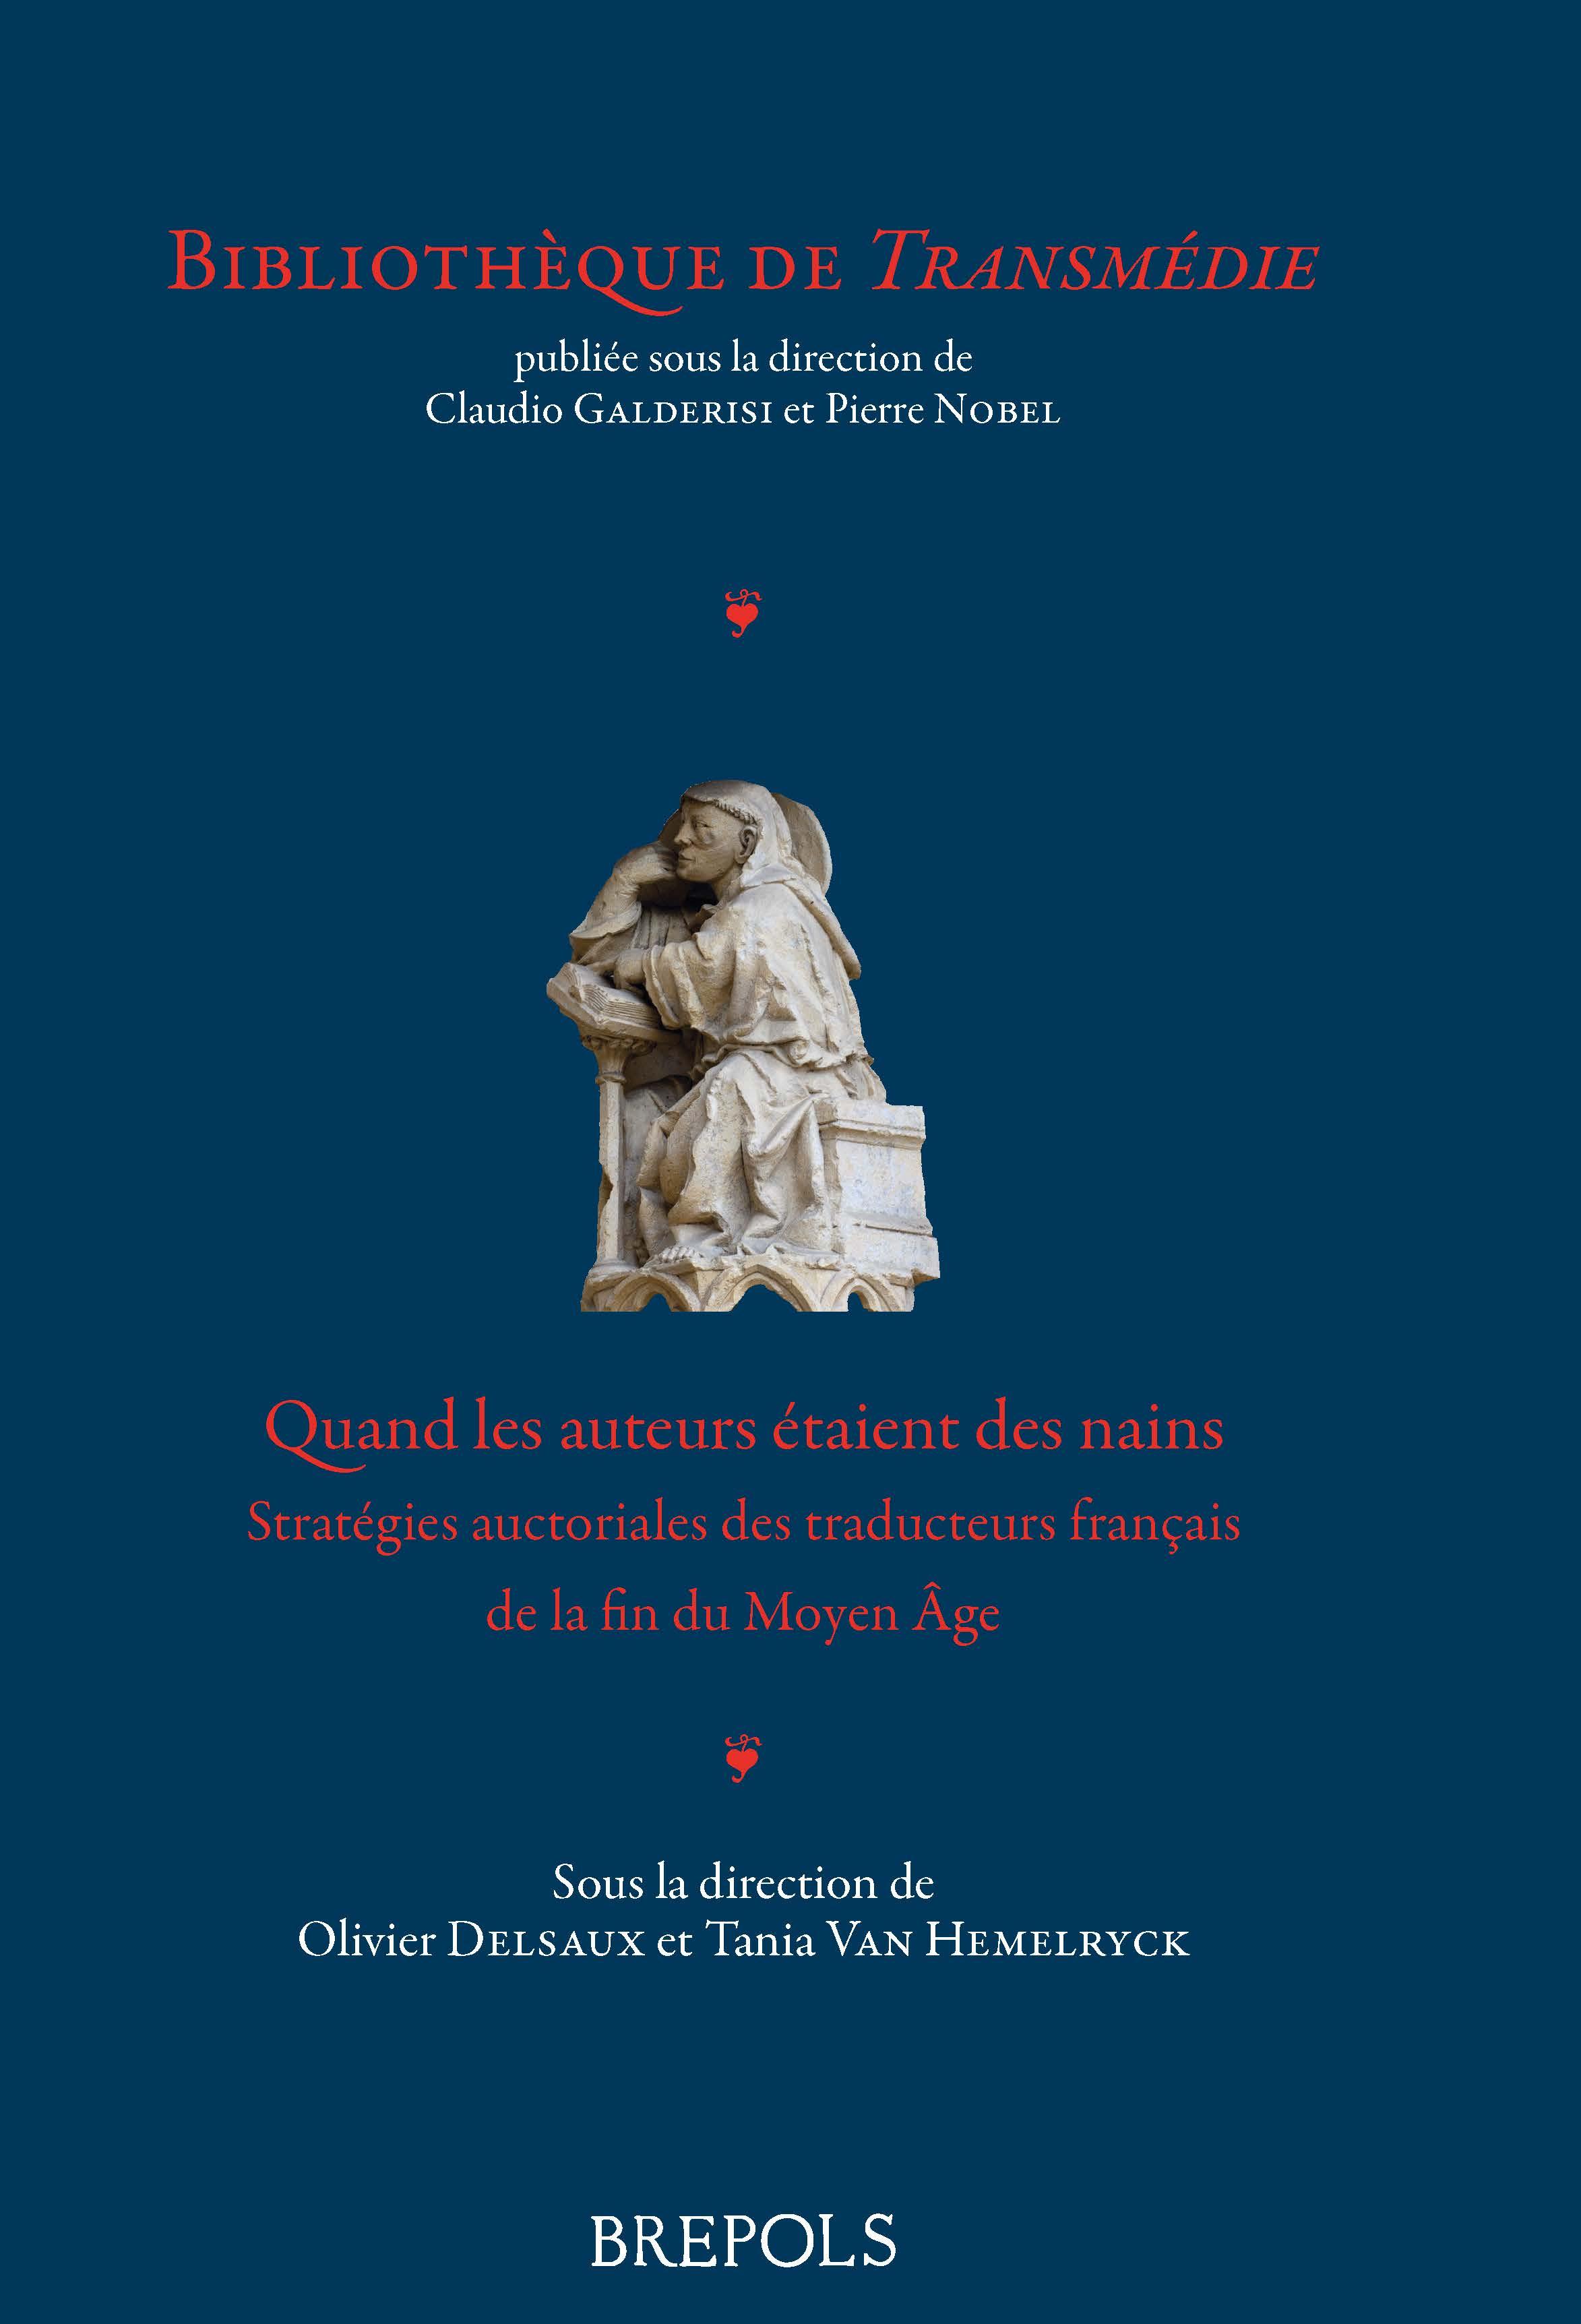 O. Delsaux et T. Van Hemelryck (dir.), Quand les auteurs étaient des nains. Stratégies auctoriales des traducteurs français de la fin du Moyen Âge